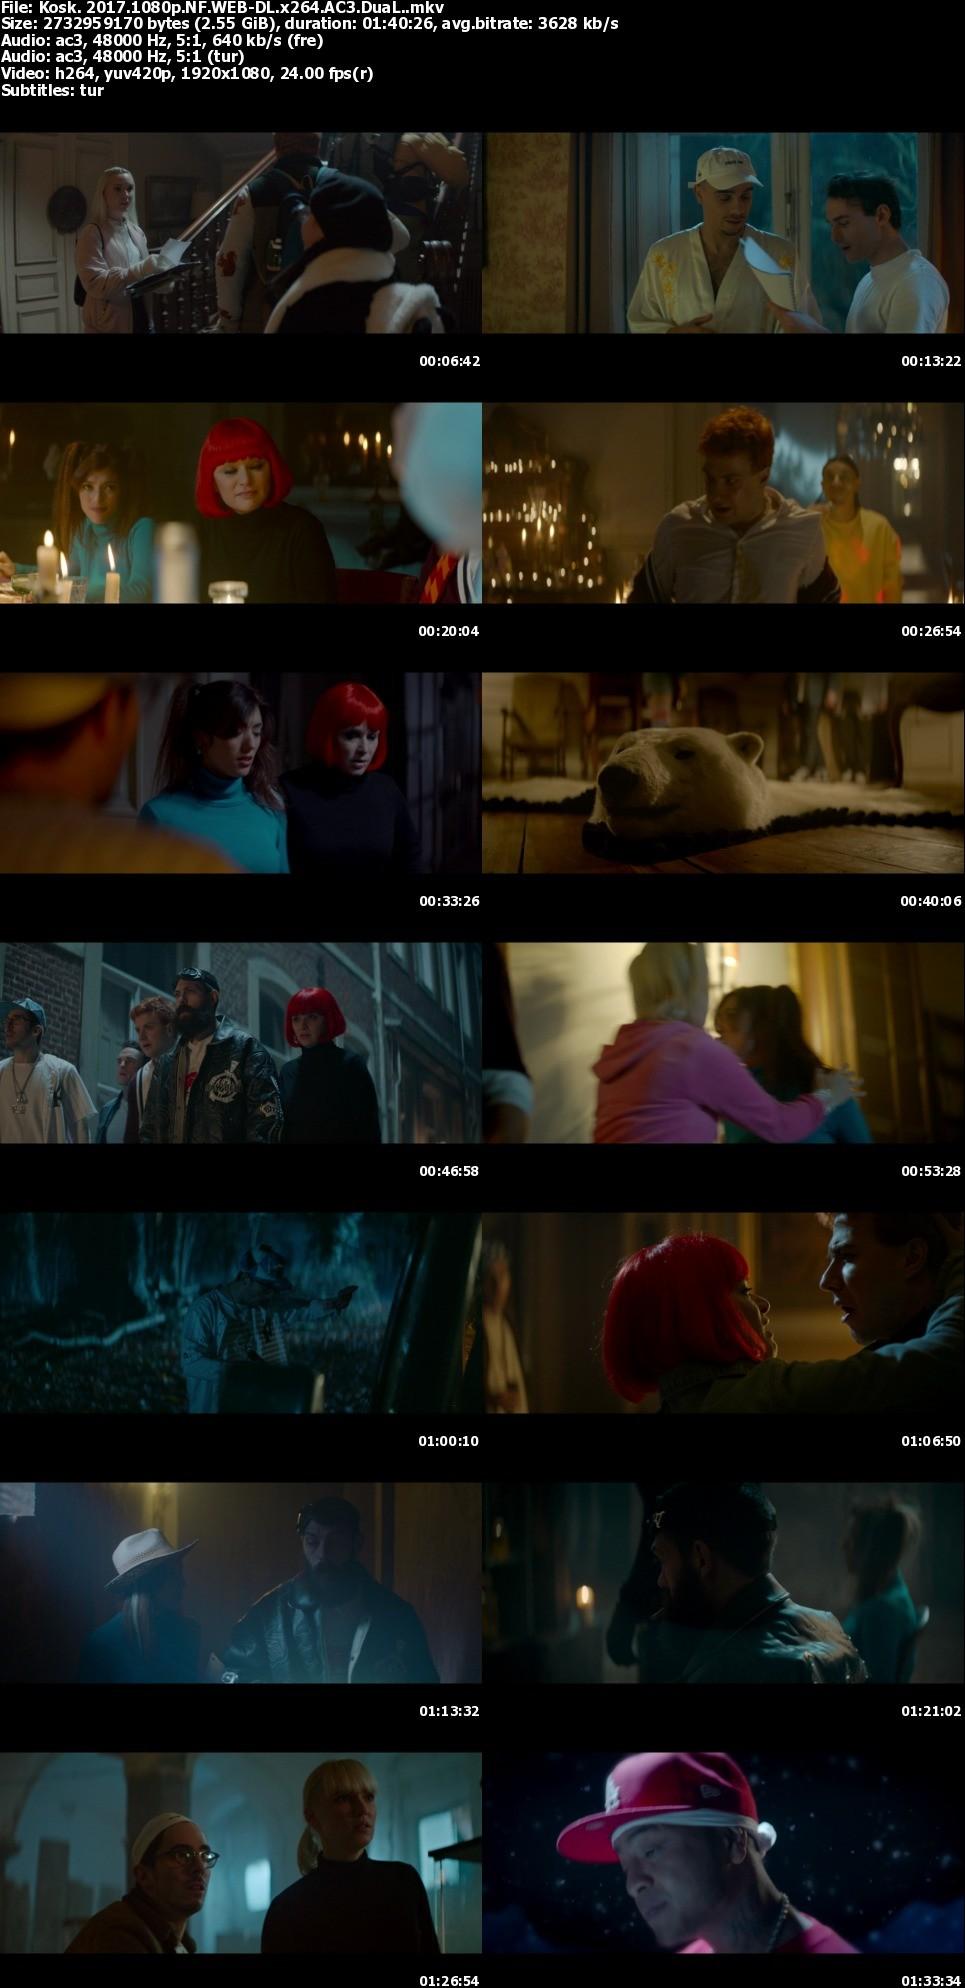 Köşk - Le manoir - 2017 - TRDublaj - 1080p DuaL (TR-FR)